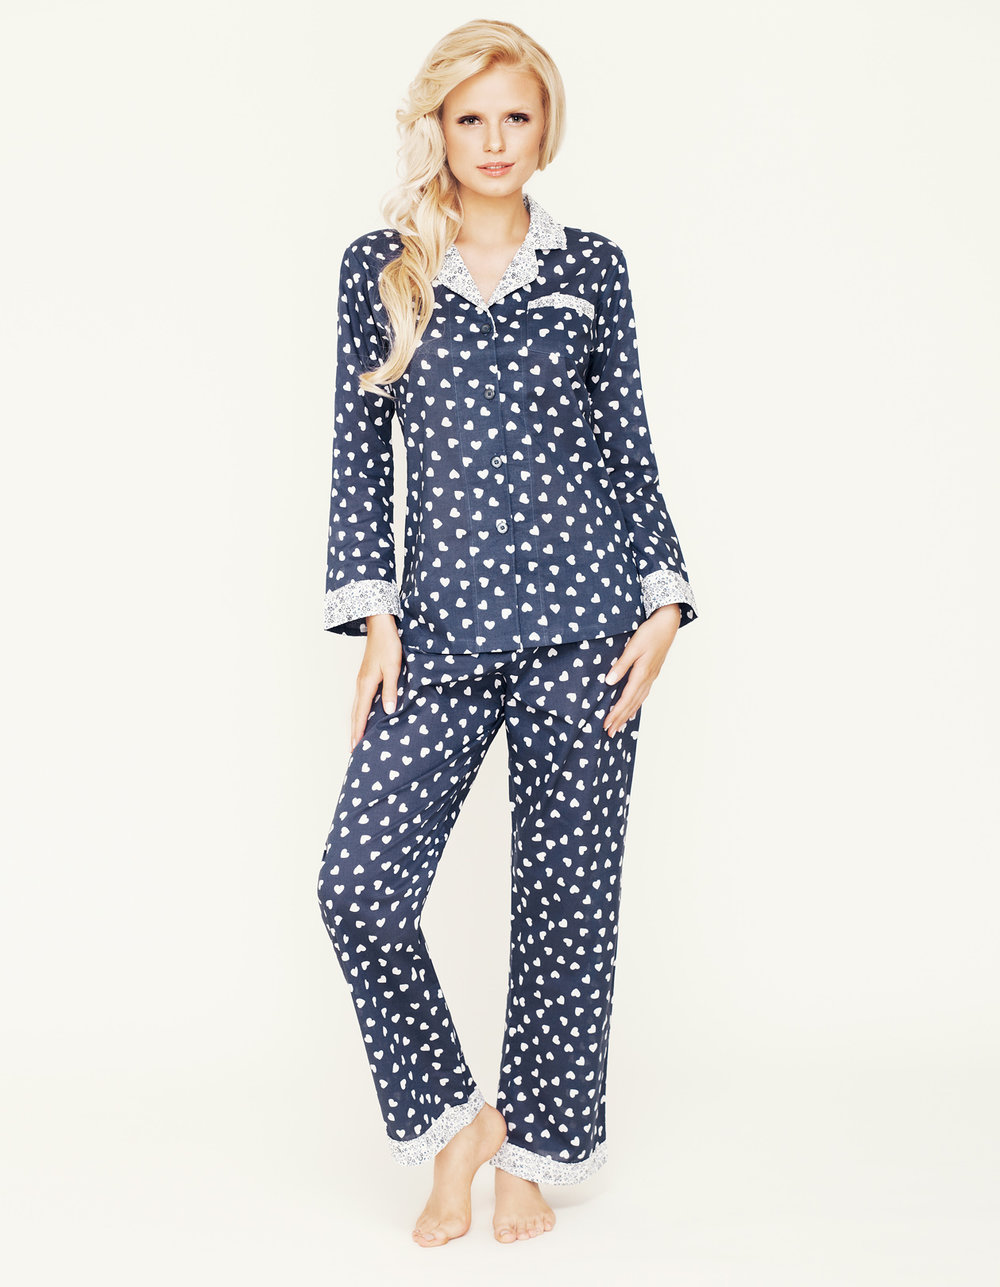 pijamas__MG_8309.jpg